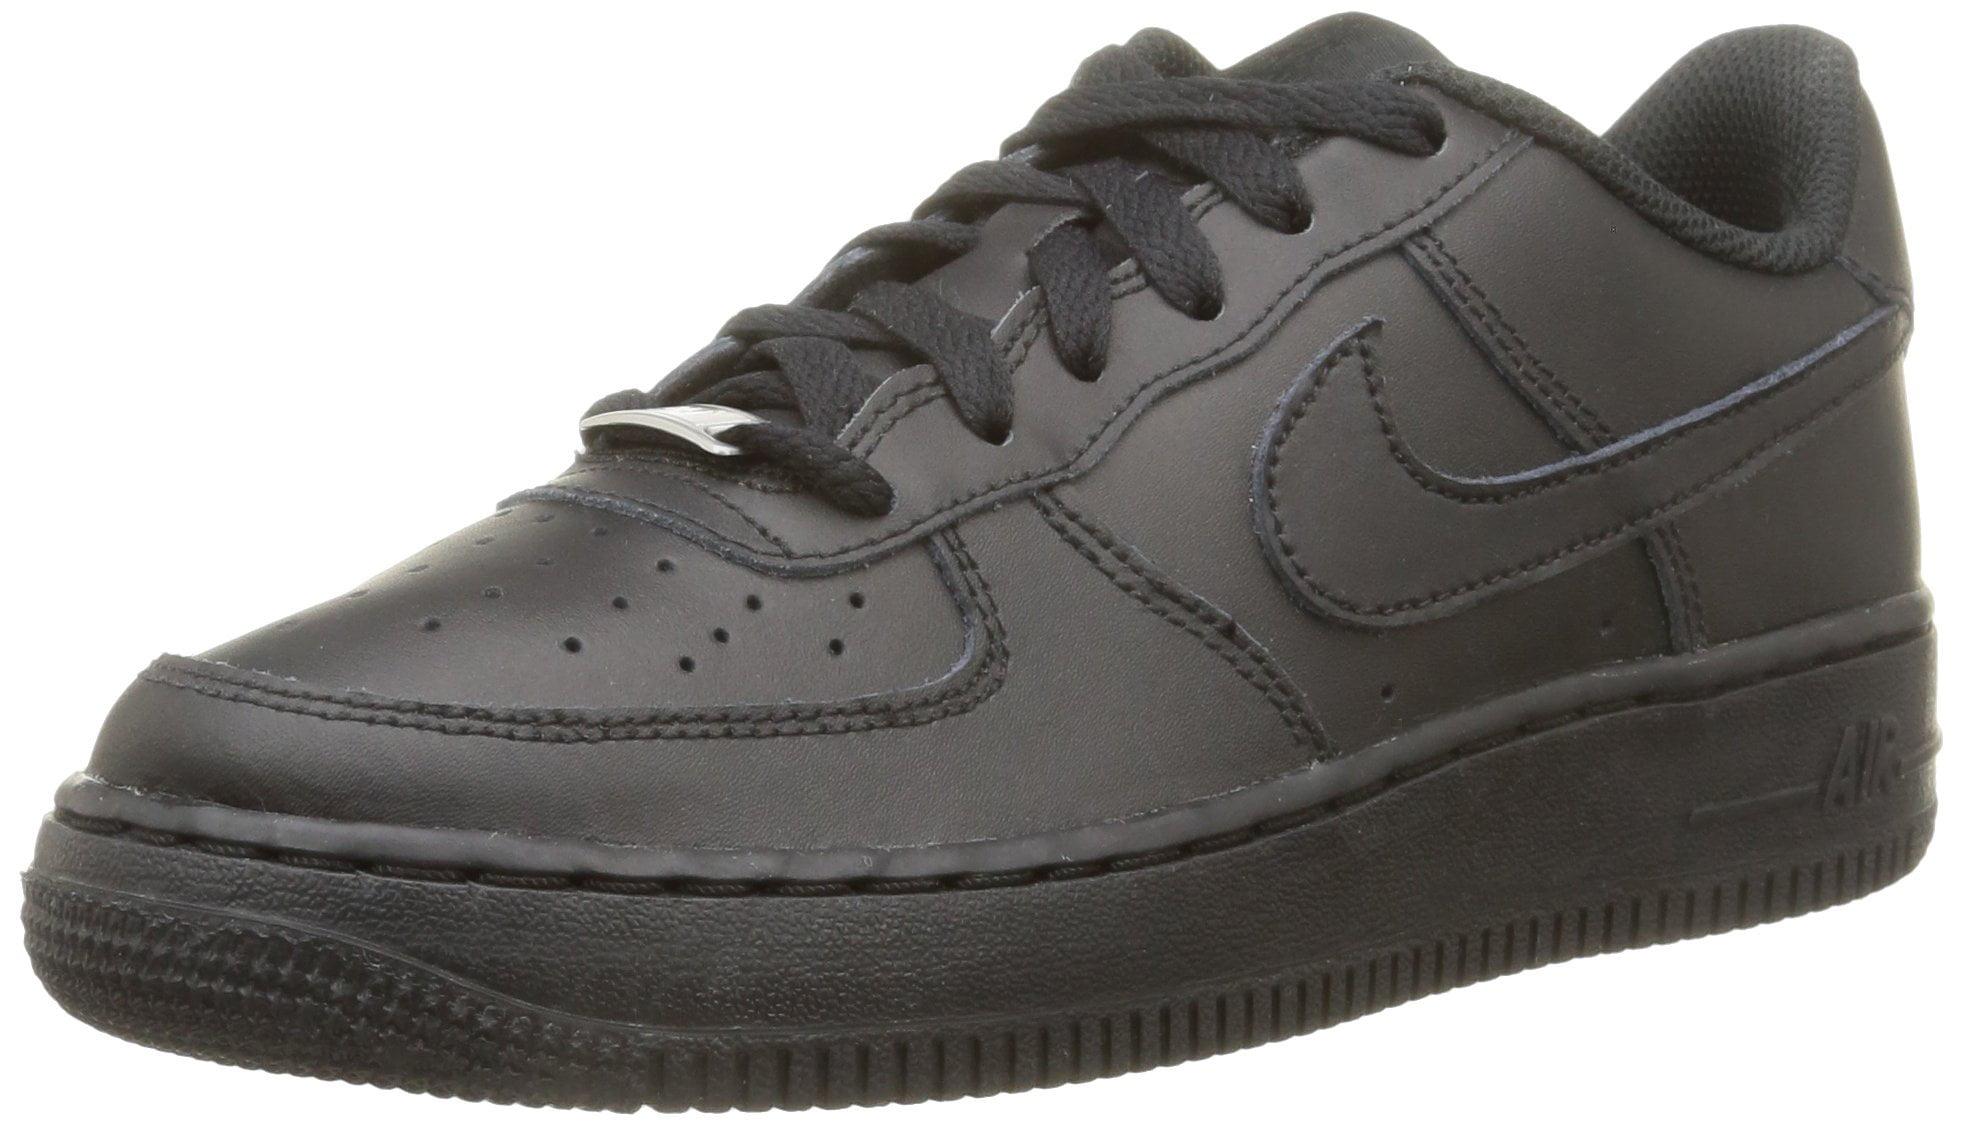 Nike - Nike 314192-009: Air Force 1 GS